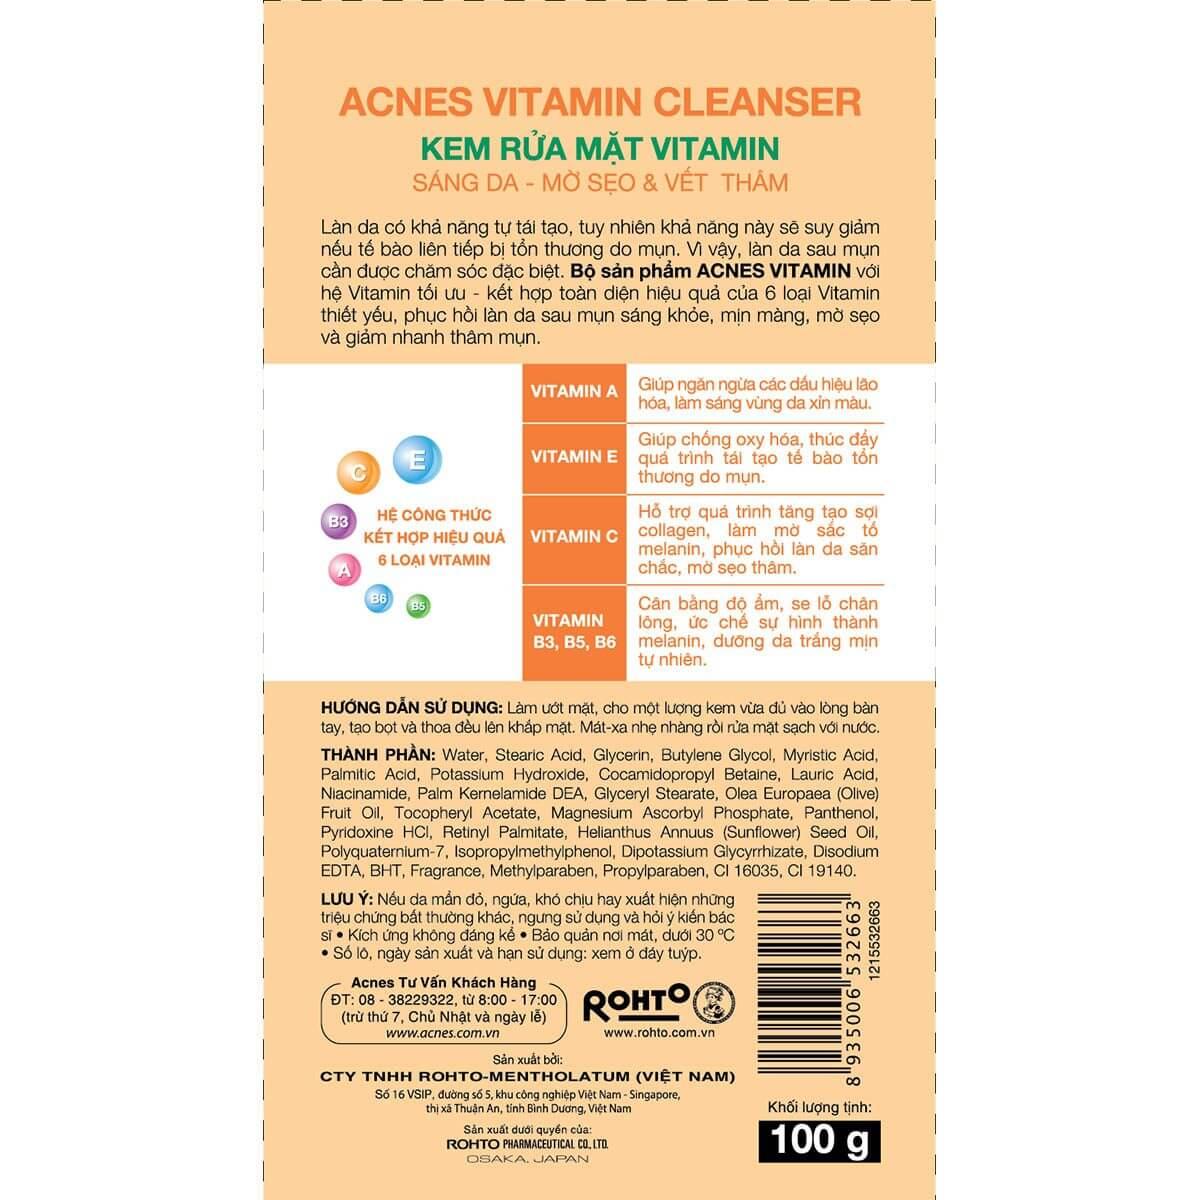 Acnes Vitamin Cleanser - Sữa rửa mặt dưỡng da Vitamin